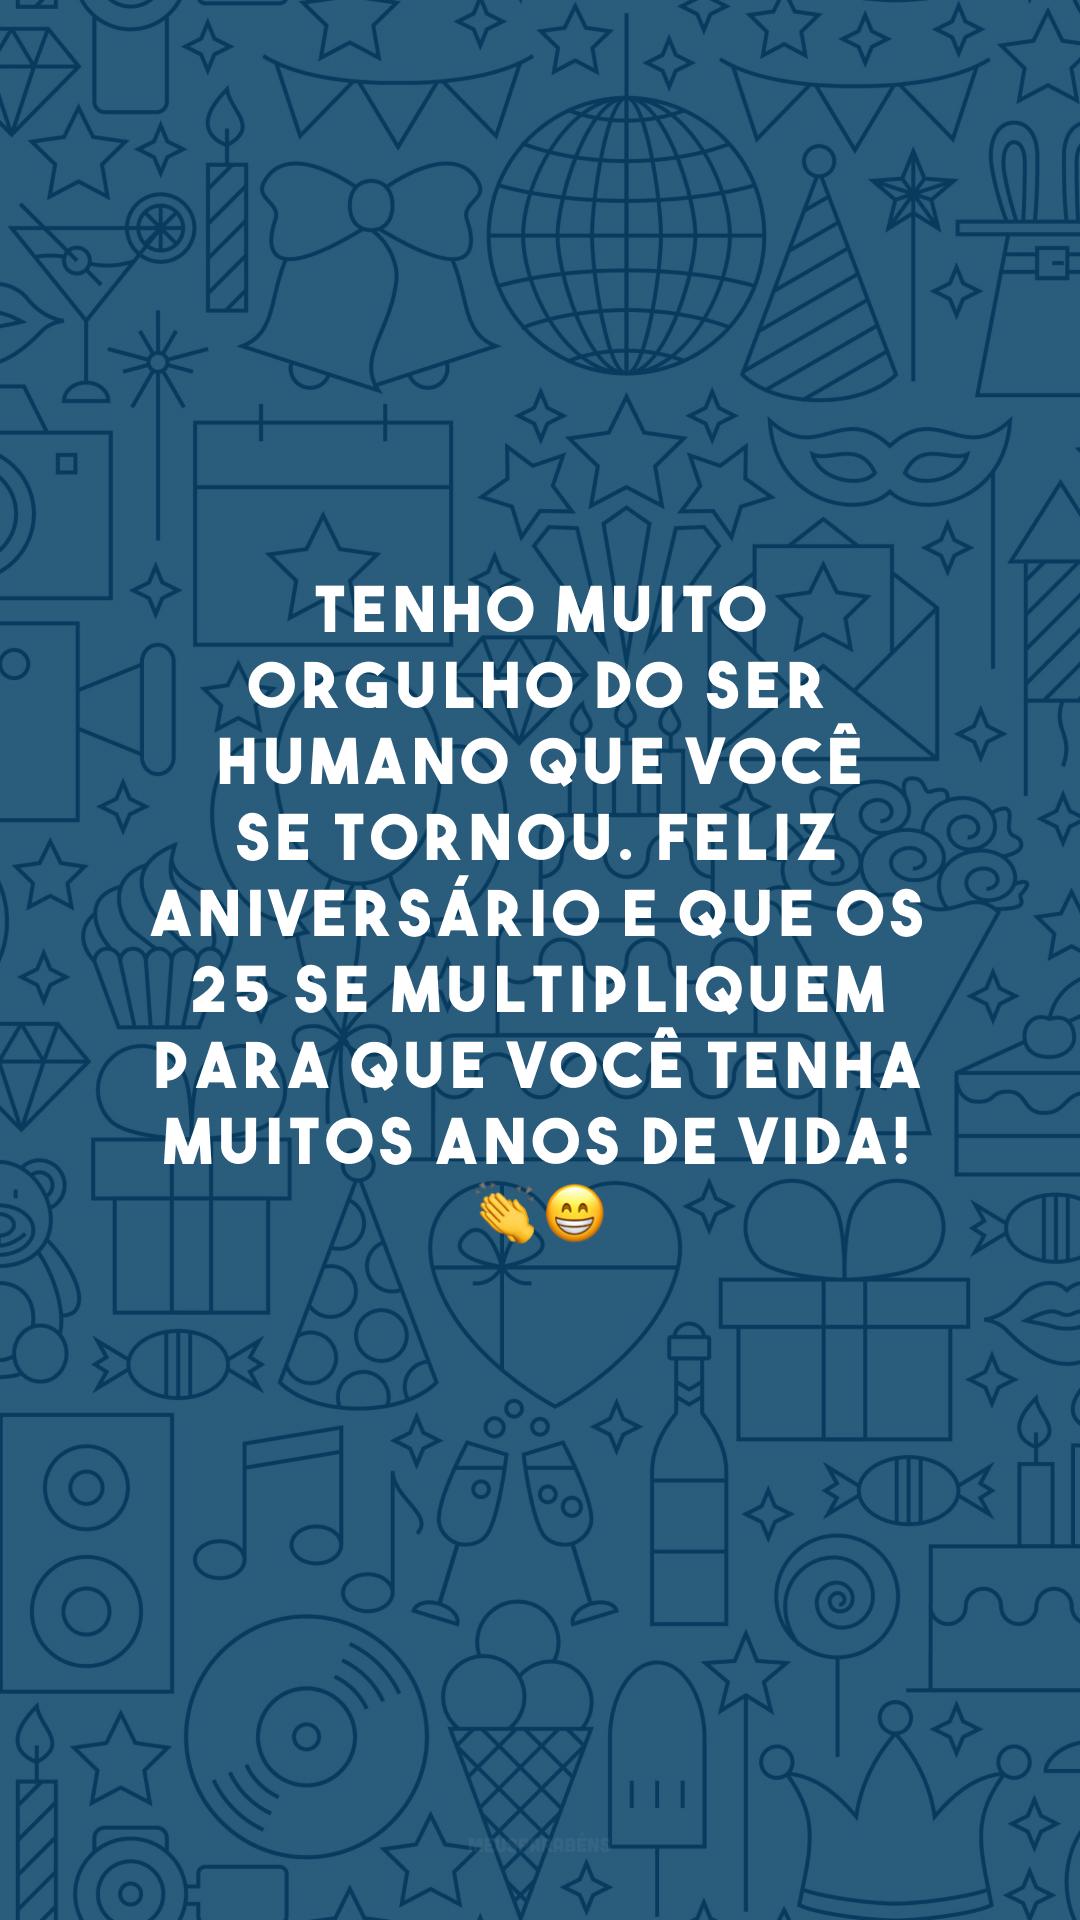 Tenho muito orgulho do ser humano que você se tornou. Feliz aniversário e que os 25 se multipliquem para que você tenha muitos anos de vida! 👏😁